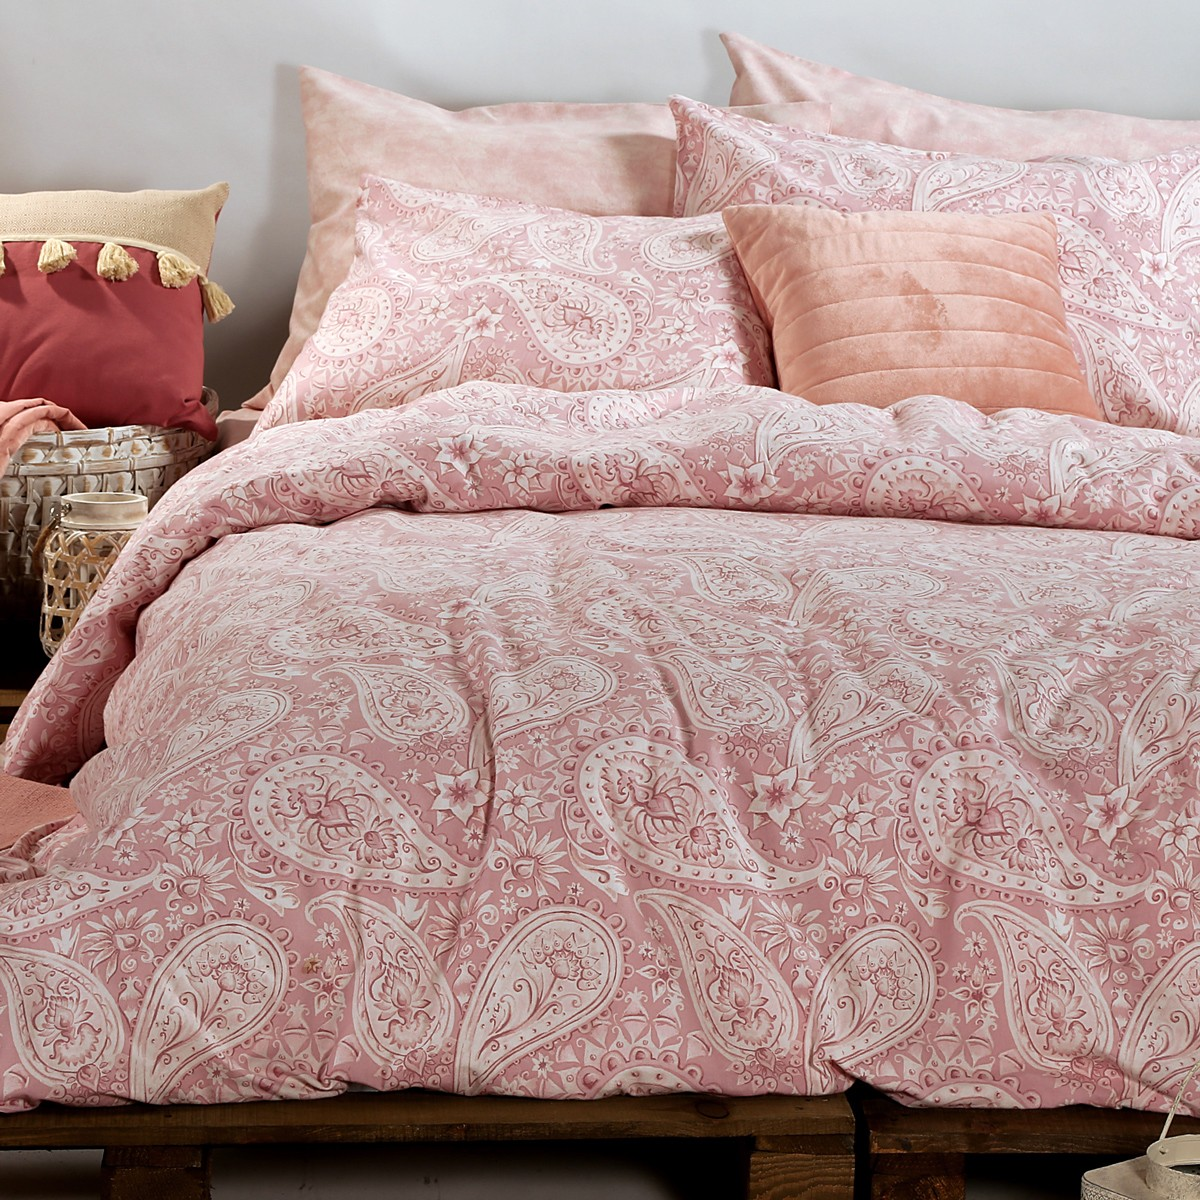 Φανελένια Σεντόνια Υπέρδιπλα (Σετ) Nef-Nef Barocco Pink